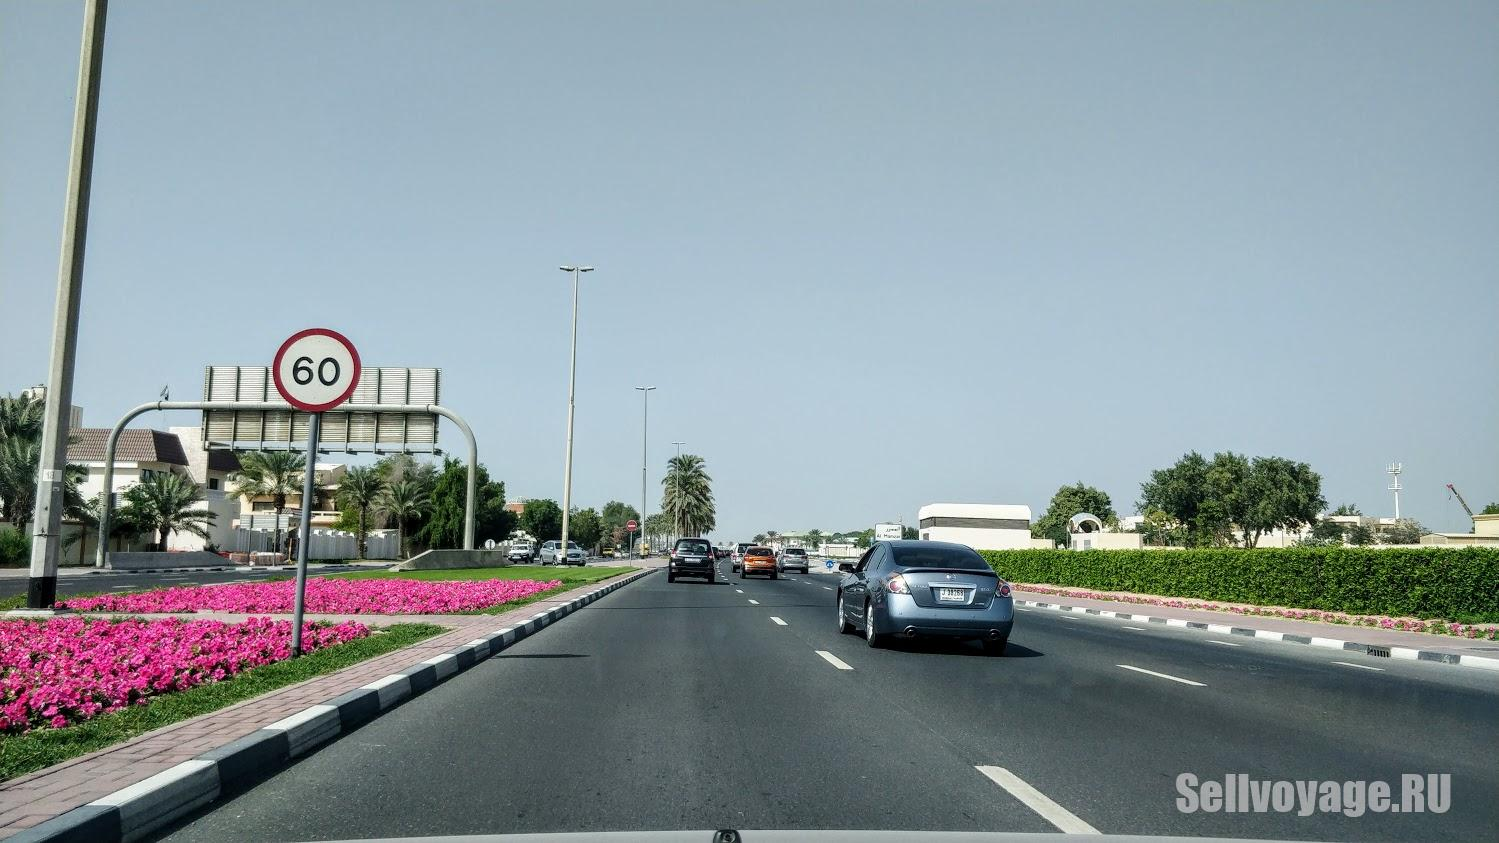 ограничение скорости в Дубае 60 км в час